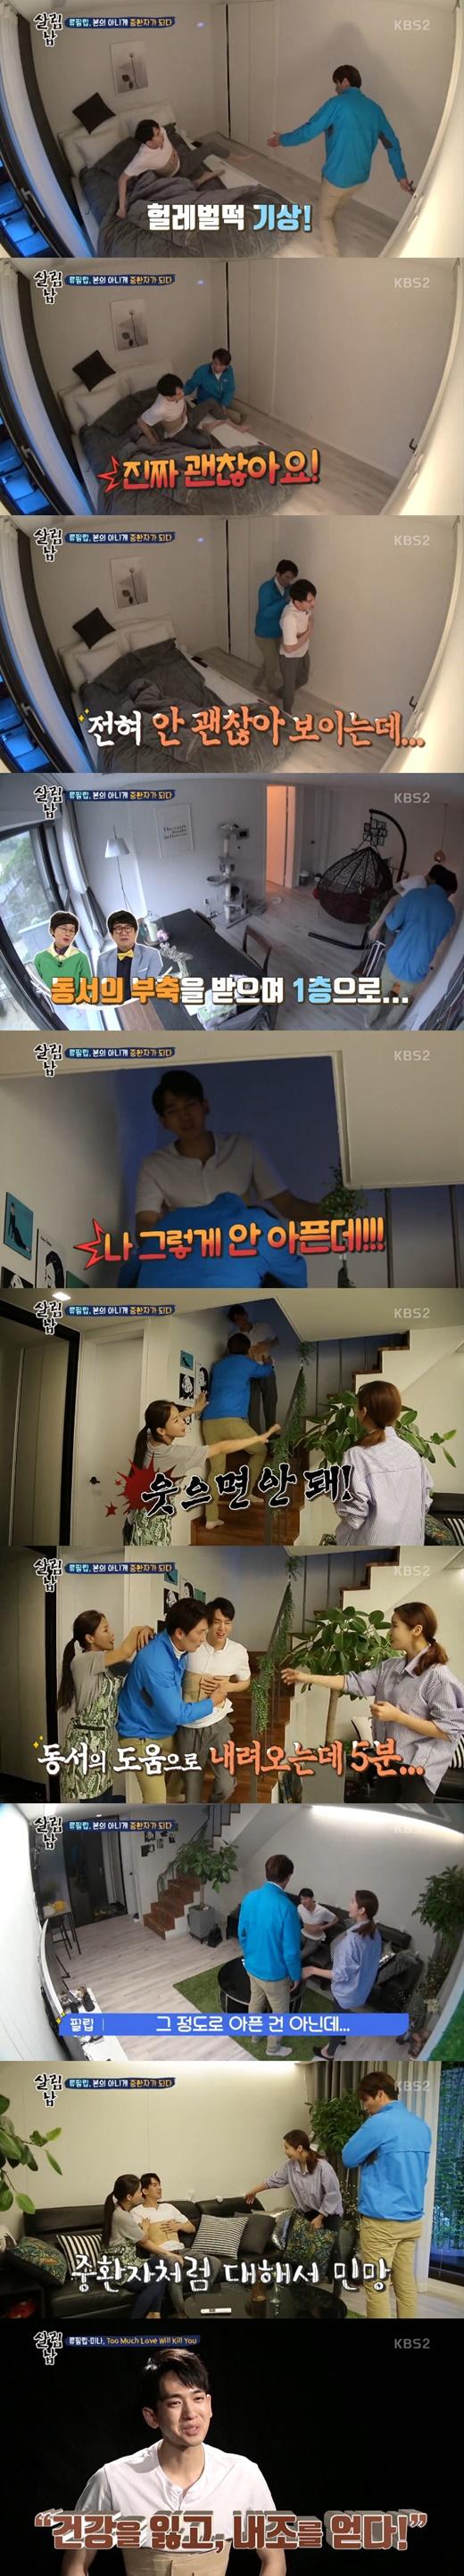 [투데이차트] '살림남2', 9주 연속 水예능 1위…시청률 상승